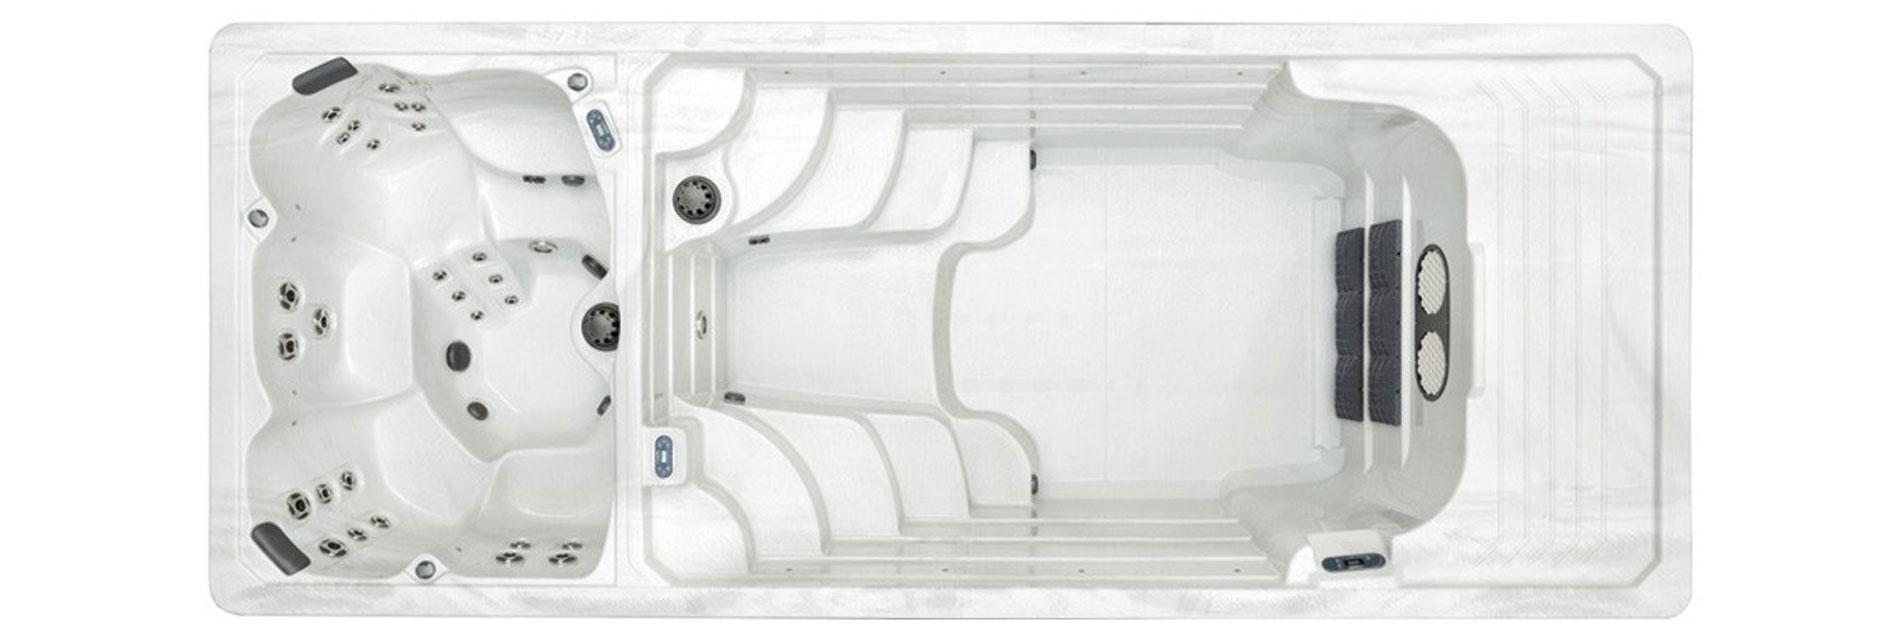 Spa de nage SUNRISE SWIM SPA 1900 DZ compartimenté pour deux eaux à différentes températures.